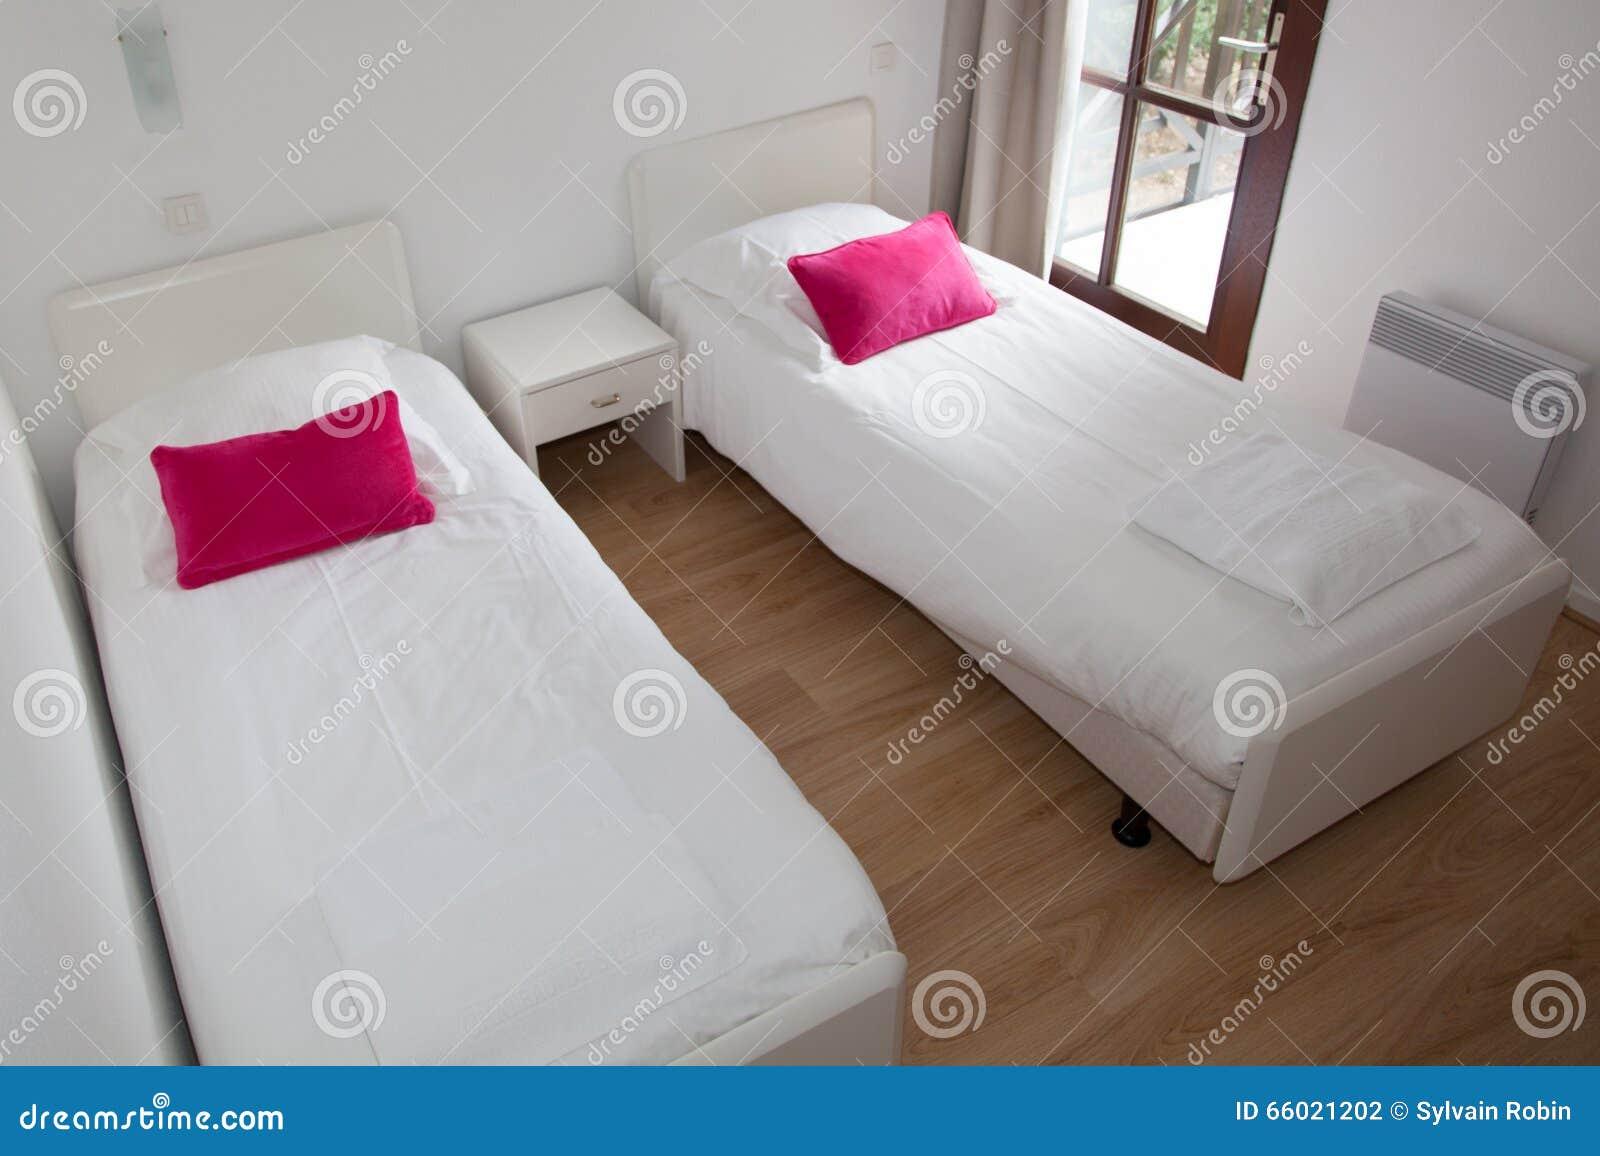 Due Letti Singoli In Appartamento Moderno Fotografia Stock ...